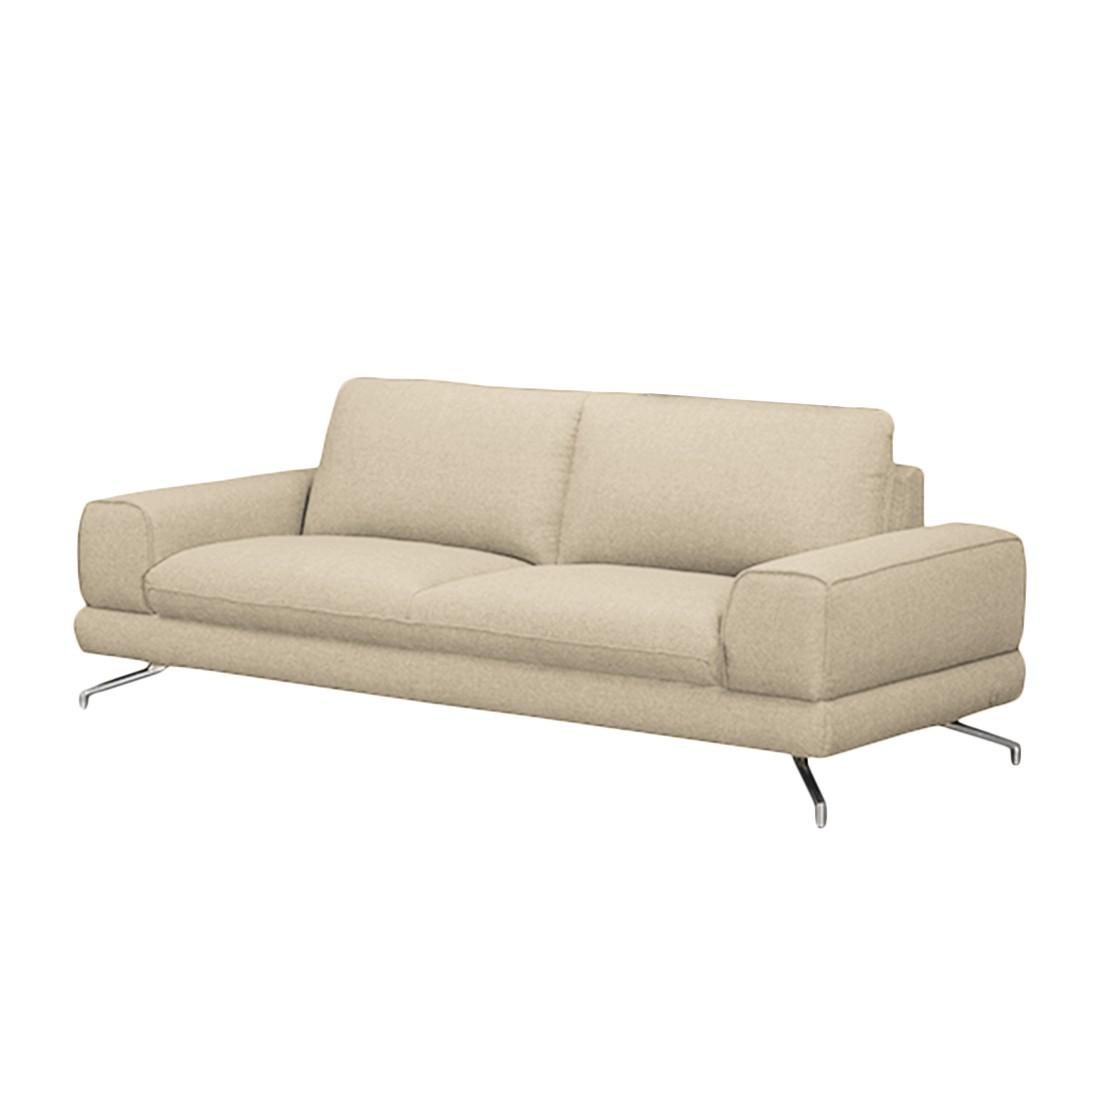 Sofa Lennard (3-Sitzer) – Webstoff Beige – Ohne Kopfstütze, loftscape jetzt bestellen